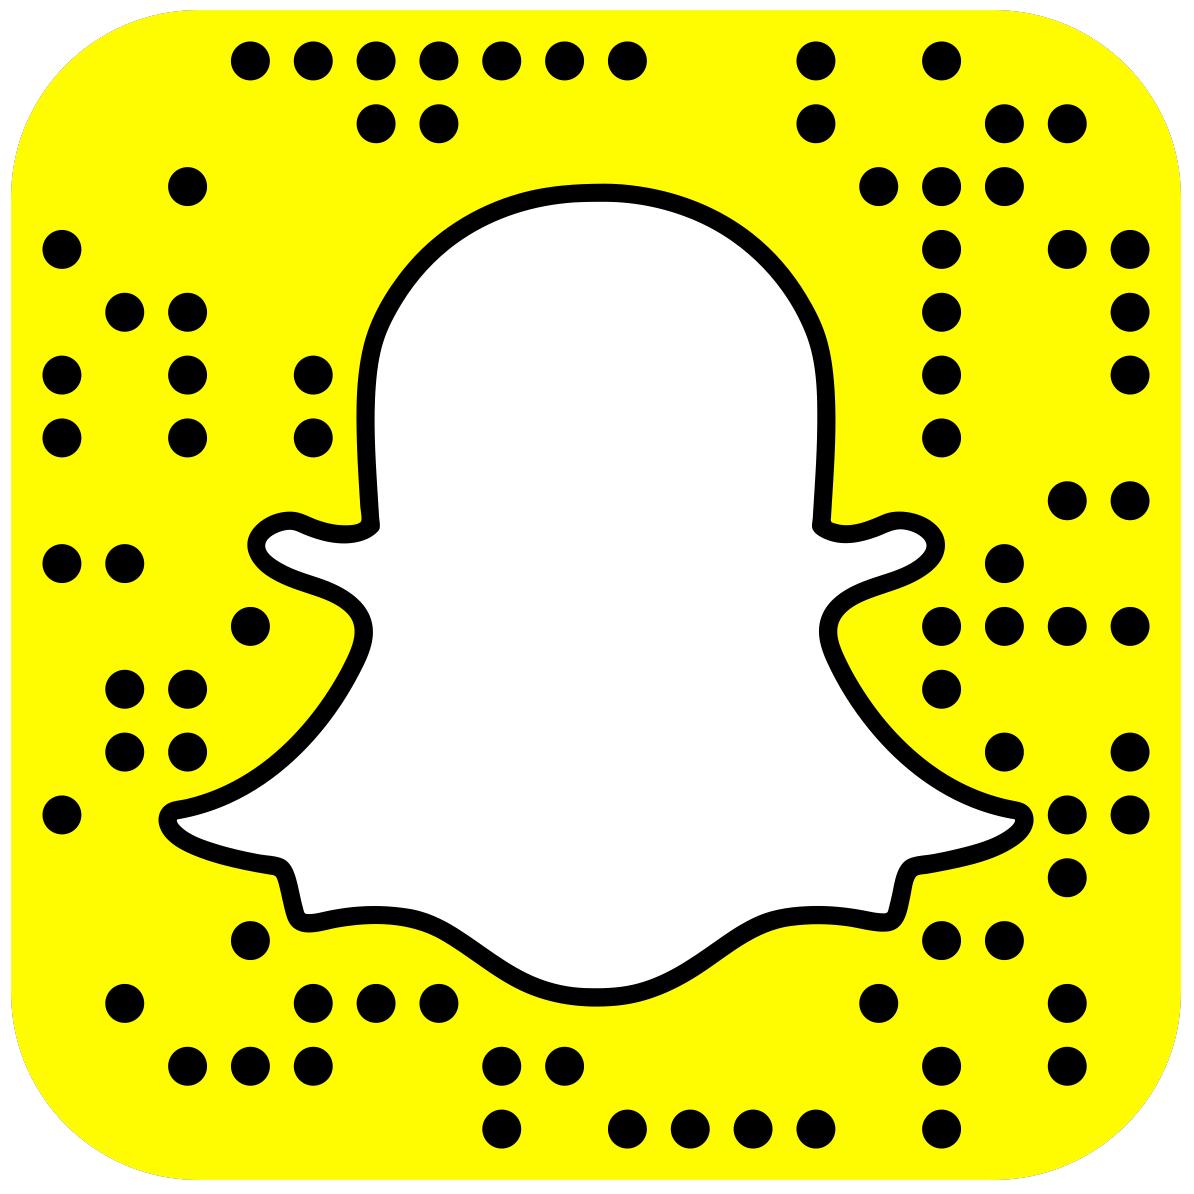 Bryshere Y. Gray Snapchat username